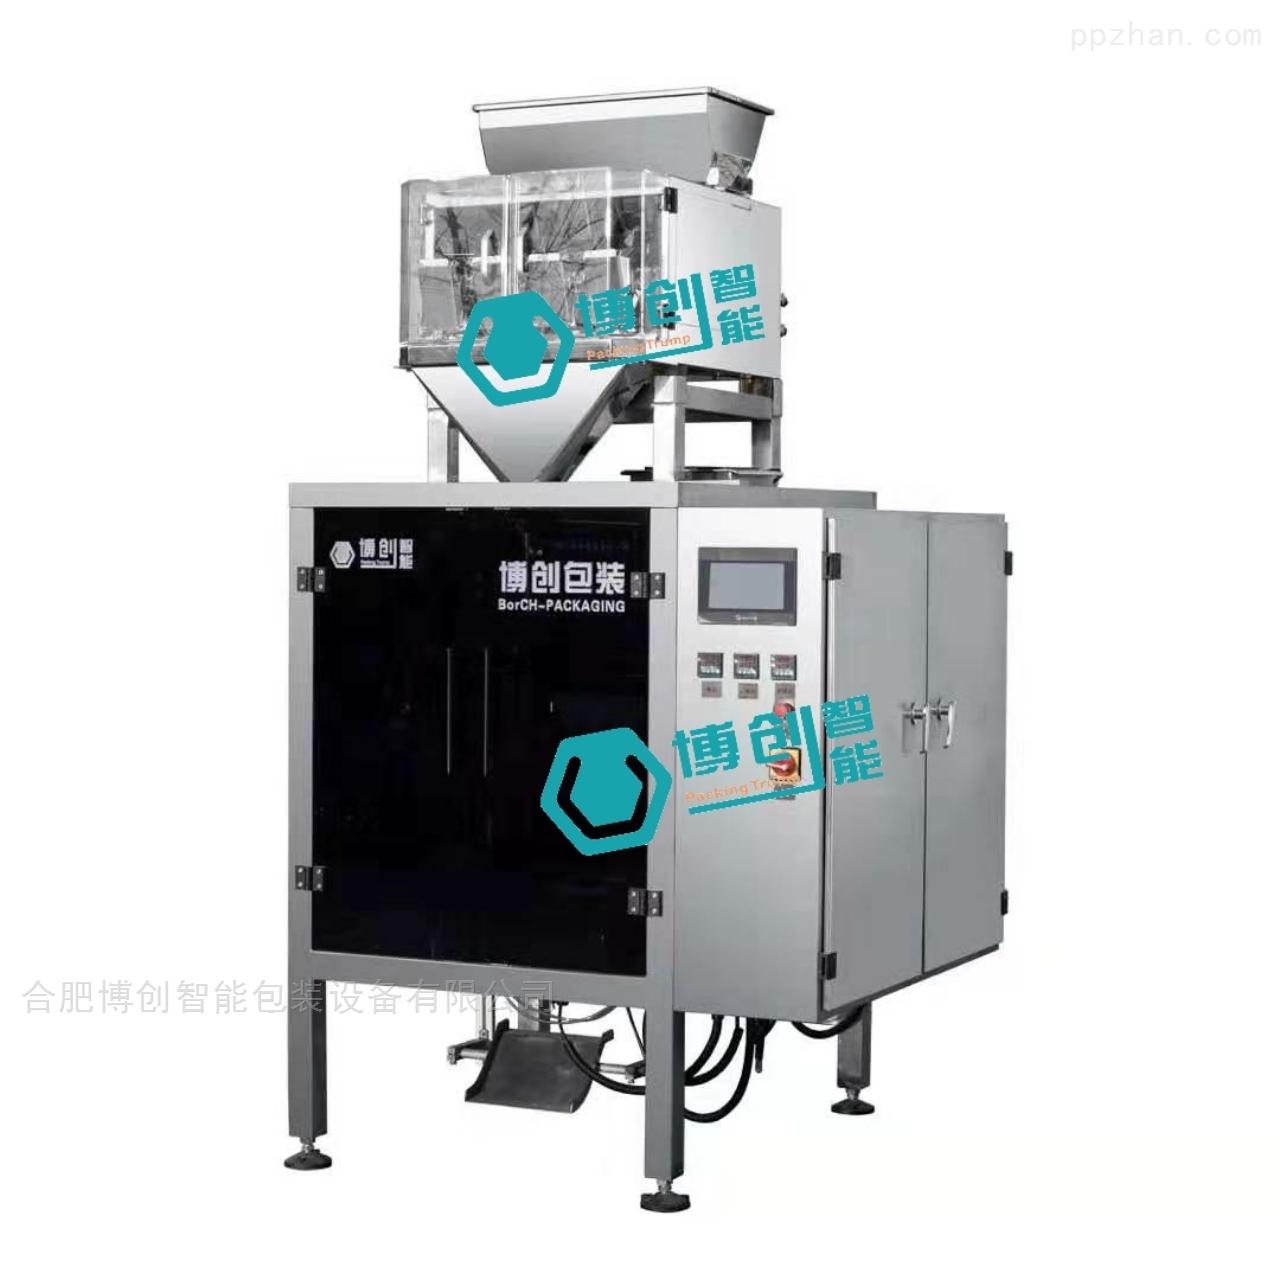 SGB630-P3D水溶肥全自动包装机组